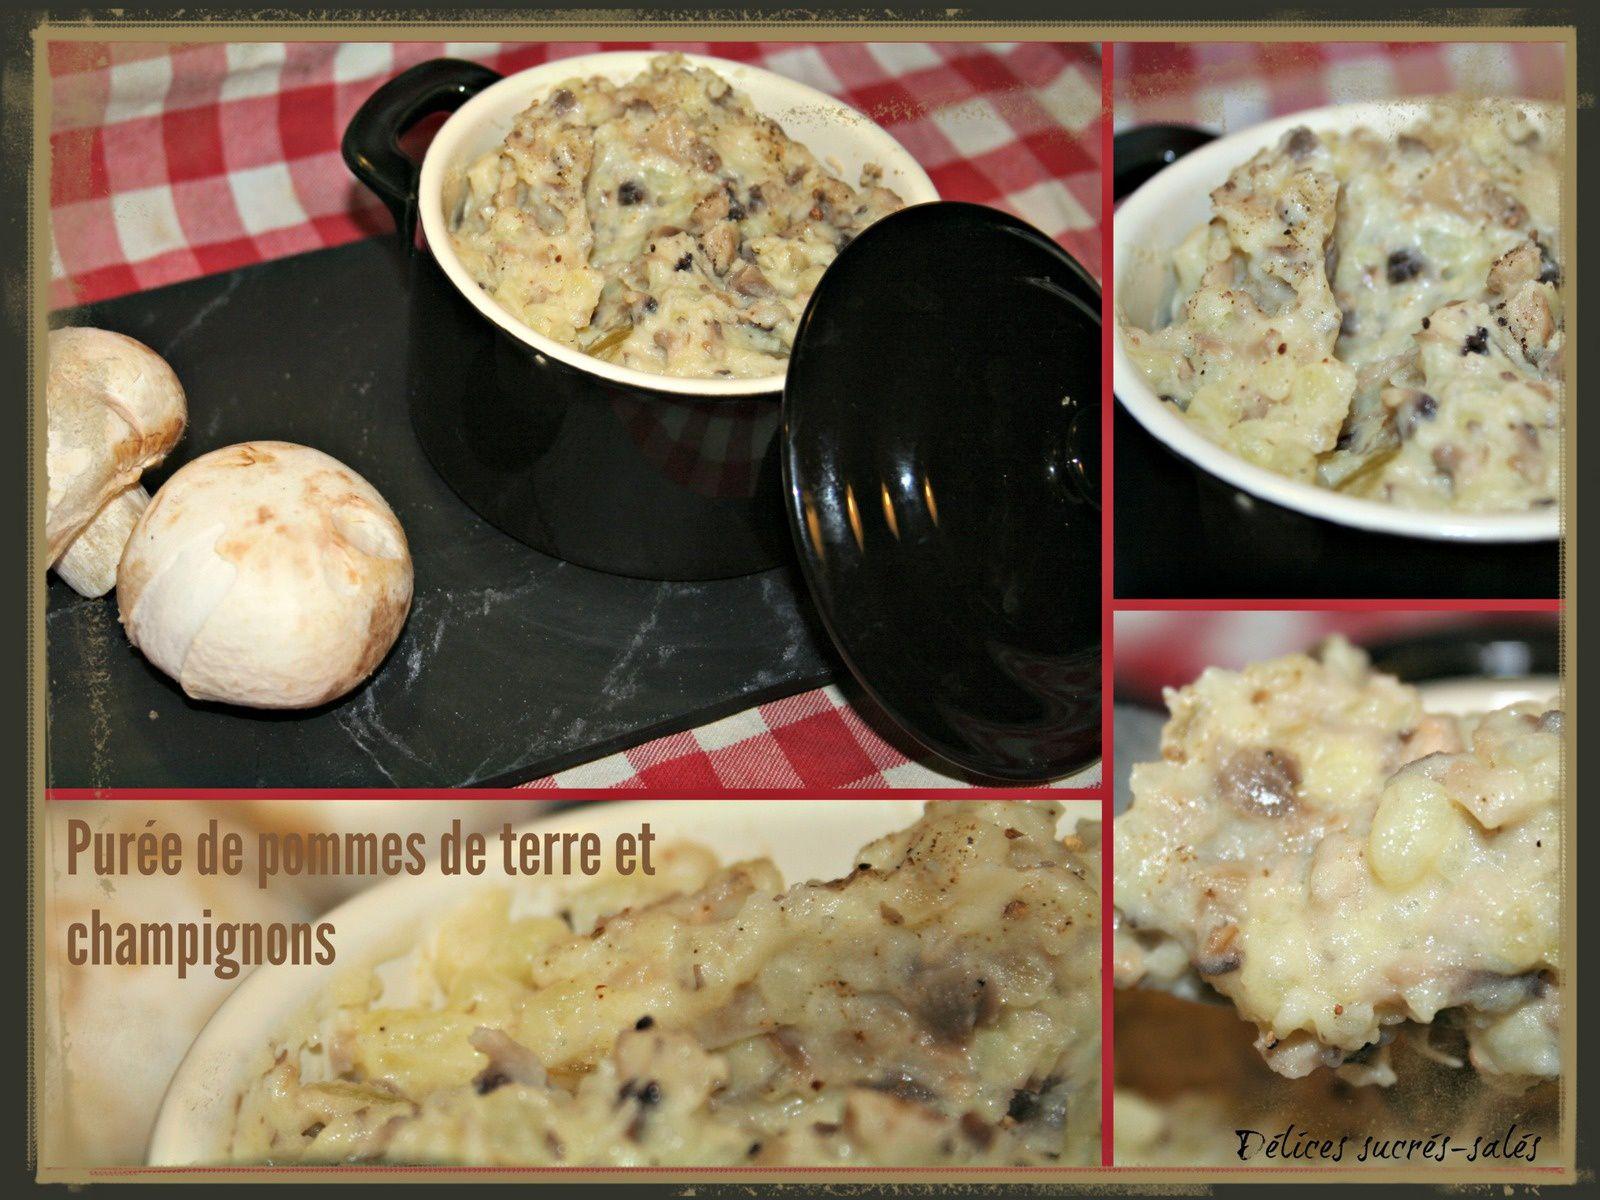 Purée de pommes de terre et champignons